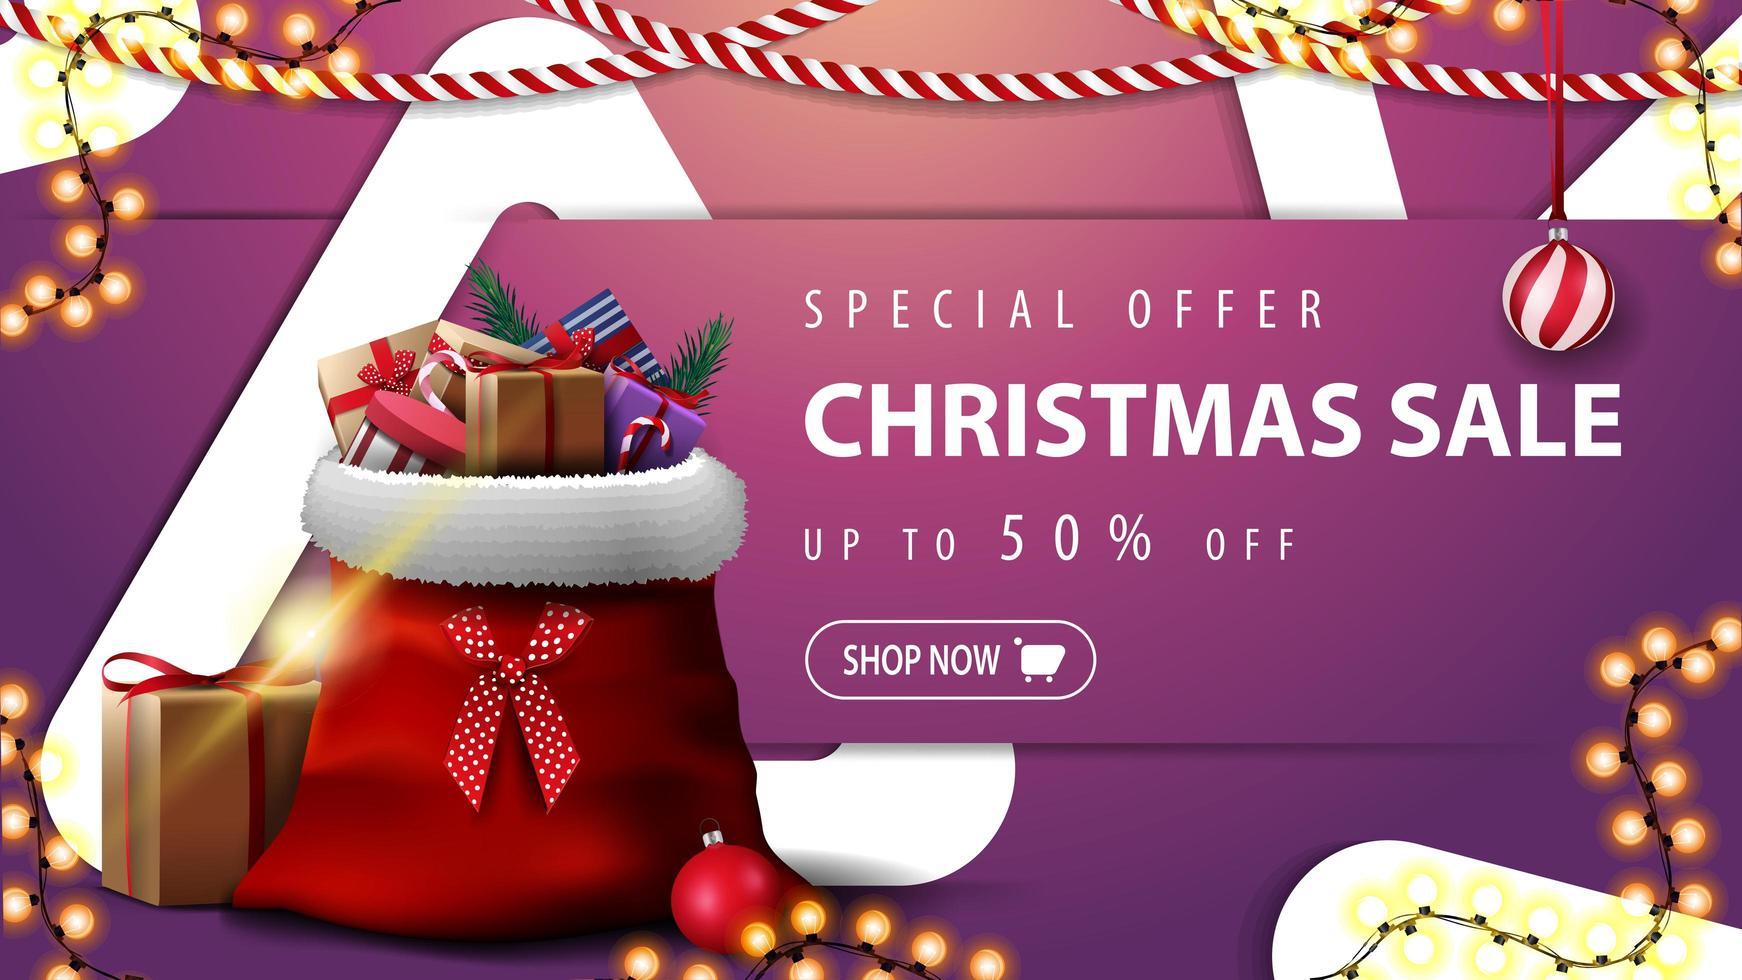 oferta especial, rebajas navideñas, hasta 50 de descuento, banner de descuento rosa con grandes triángulos entrelazados con el fondo y bolsa de santa claus con regalos vector